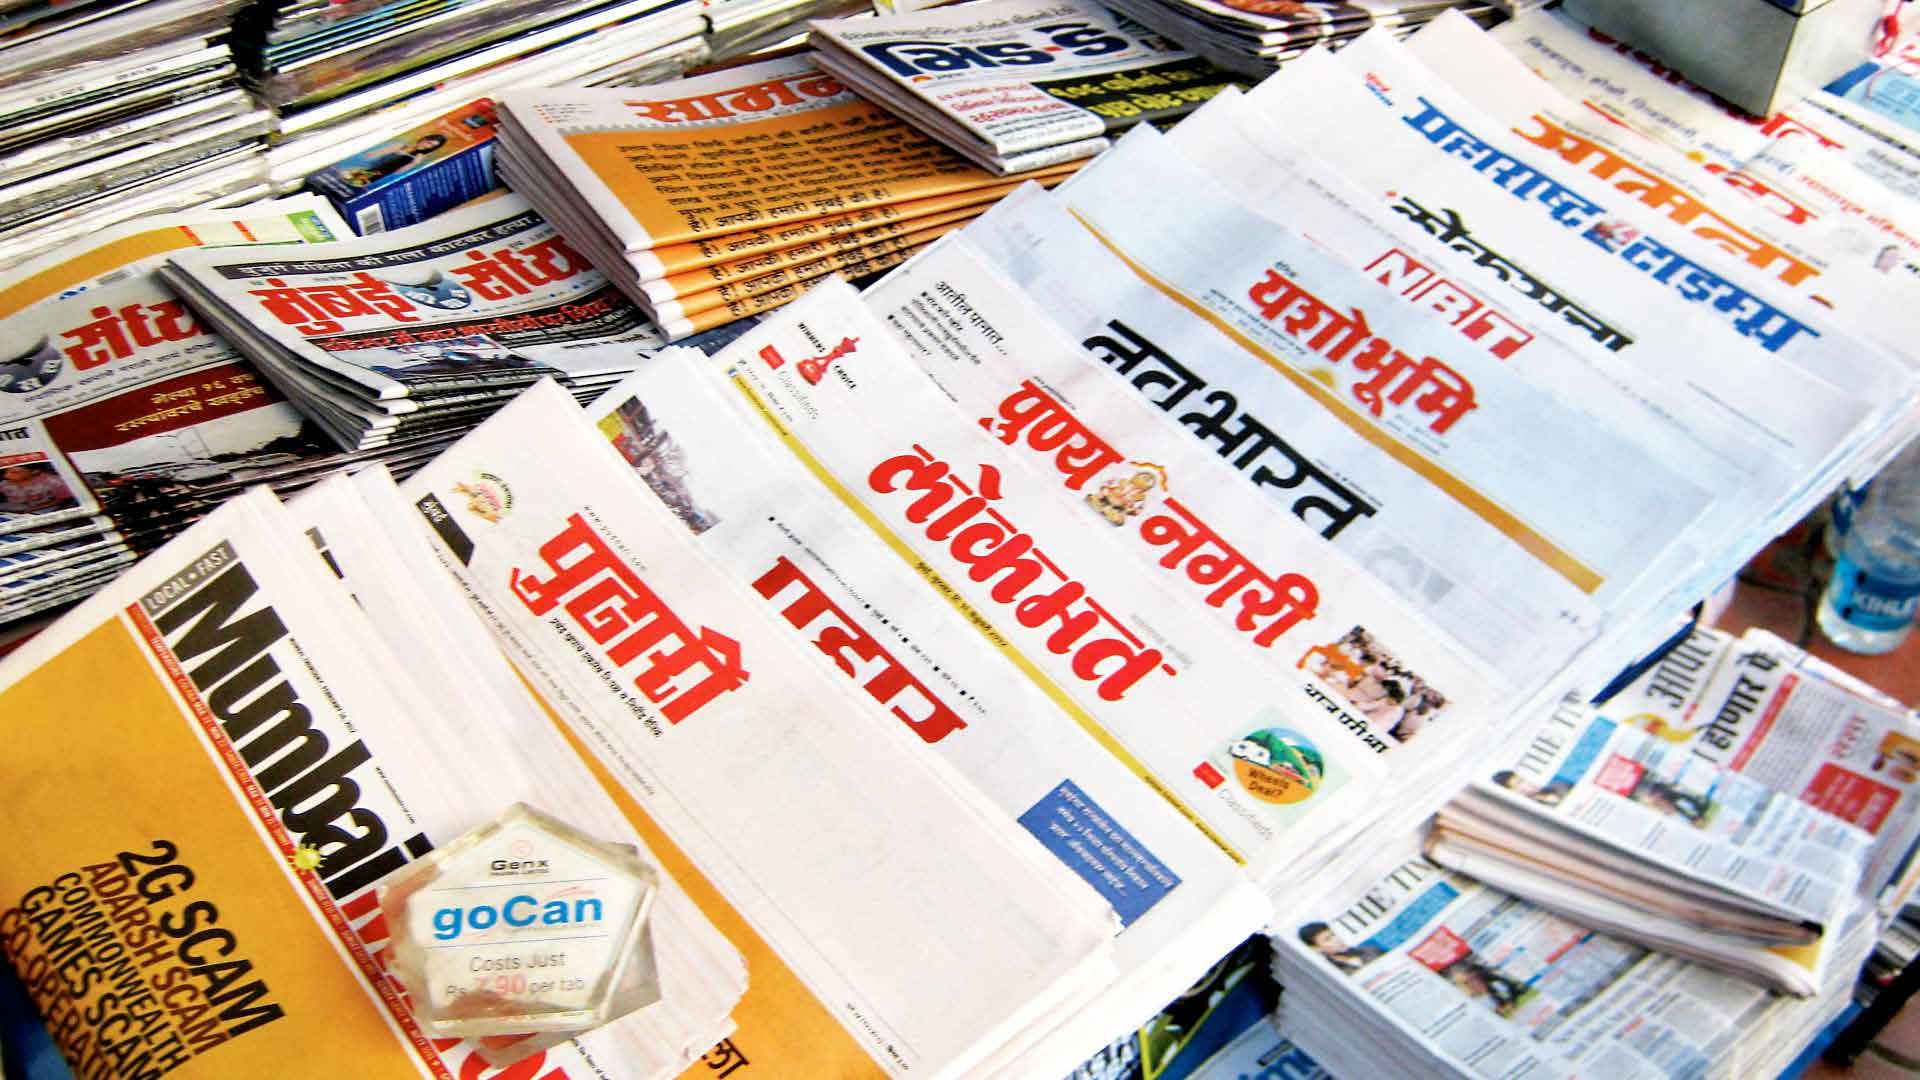 Indian newsstand